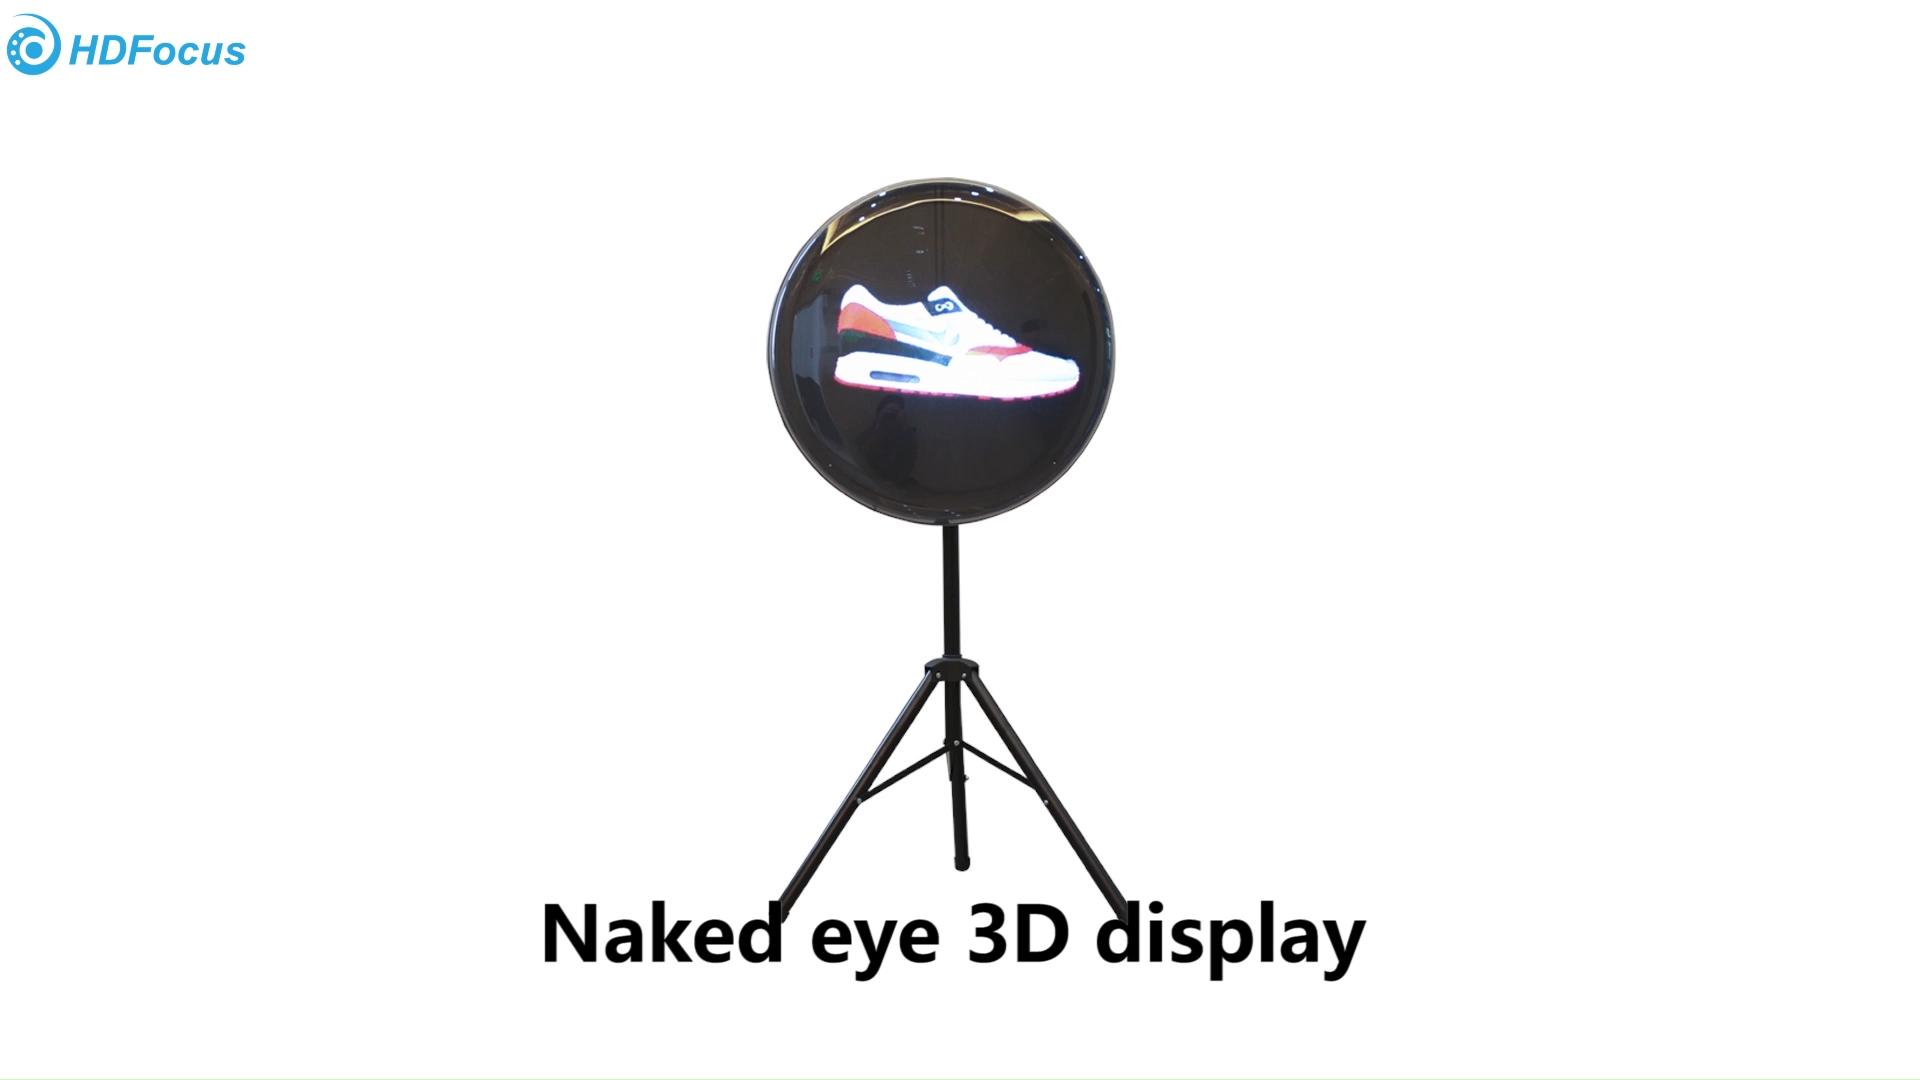 Teknologi Baru Iklan LED Berputar Empat Sayap 3D Hologram Fan Grosir